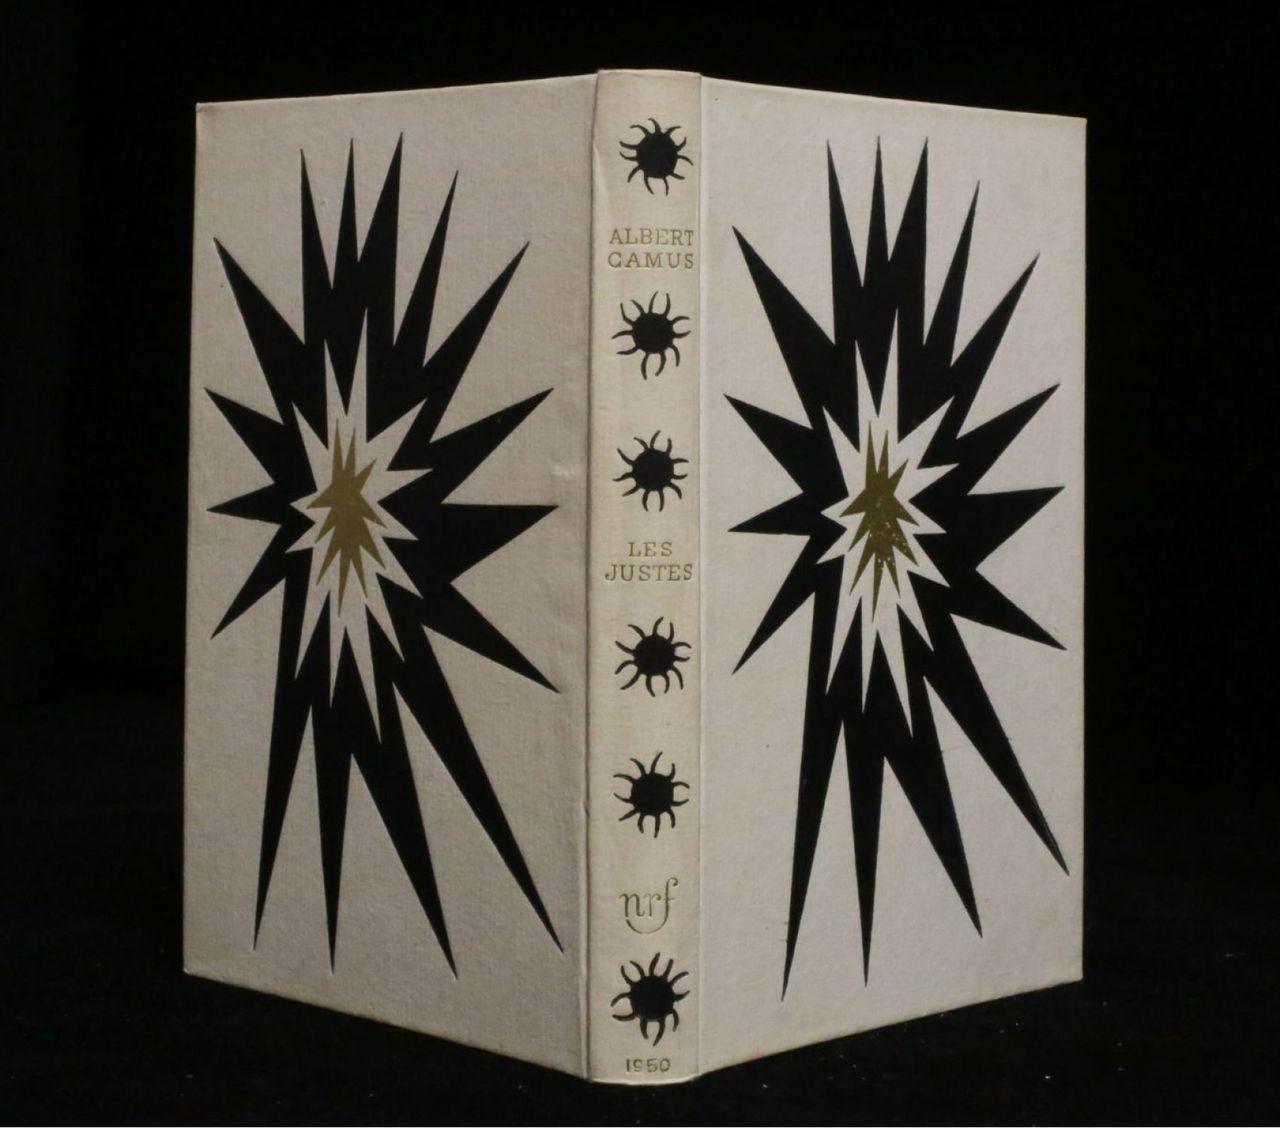 Albert Camus, (1949), Les Justes, Gallimard, Paris, 1950